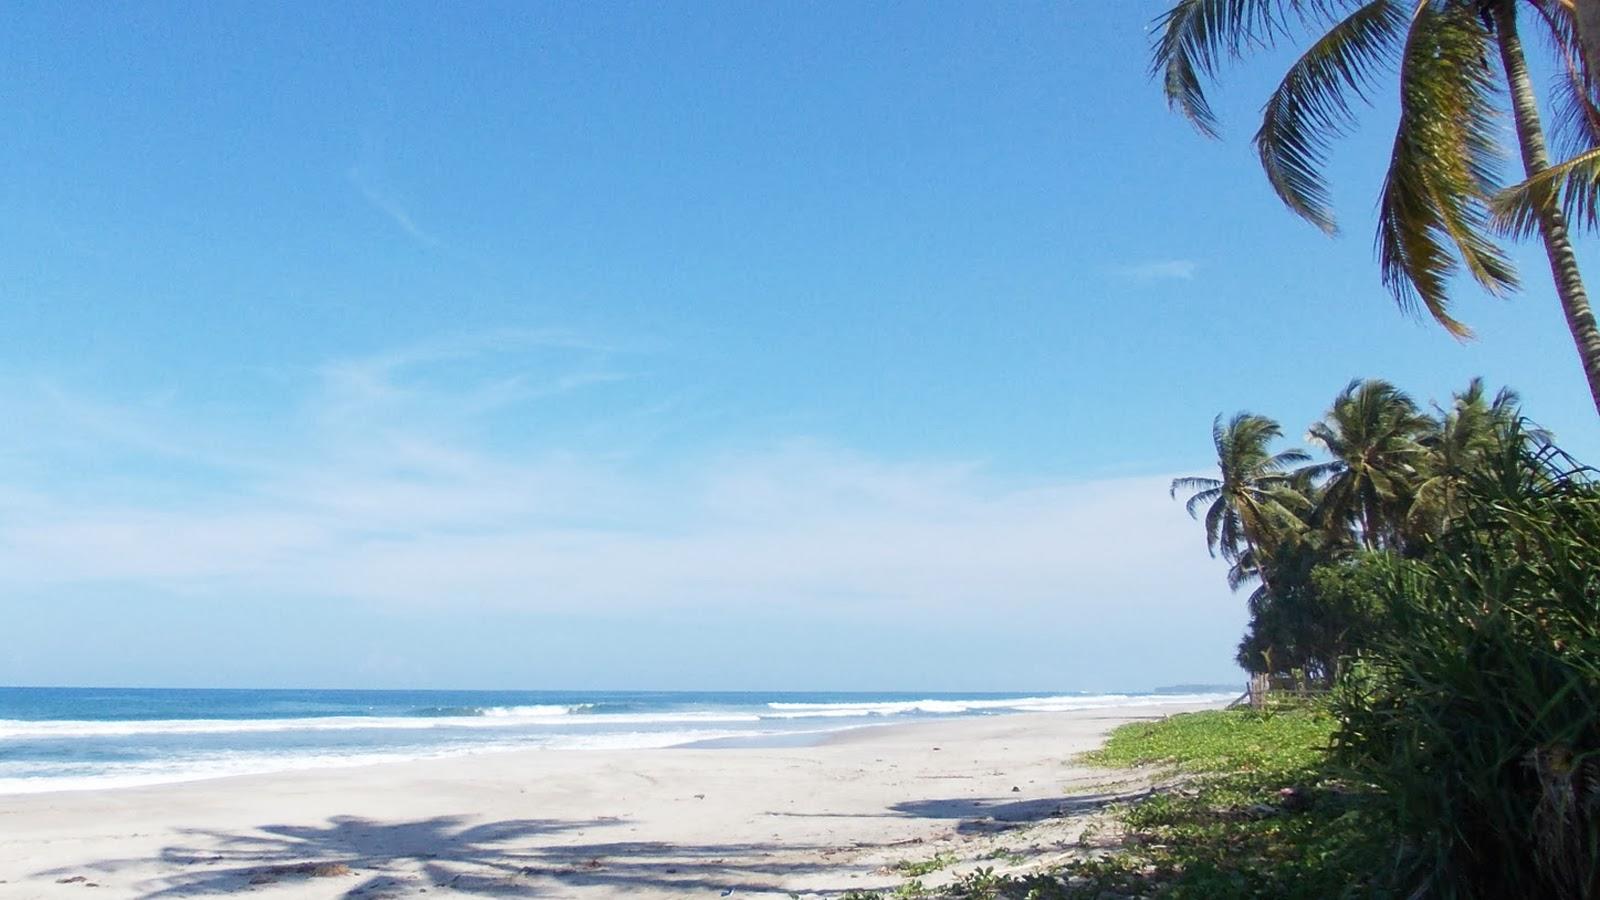 Lampung Destinasi Wisata Baru Di Indonesia Oleh Abibunda